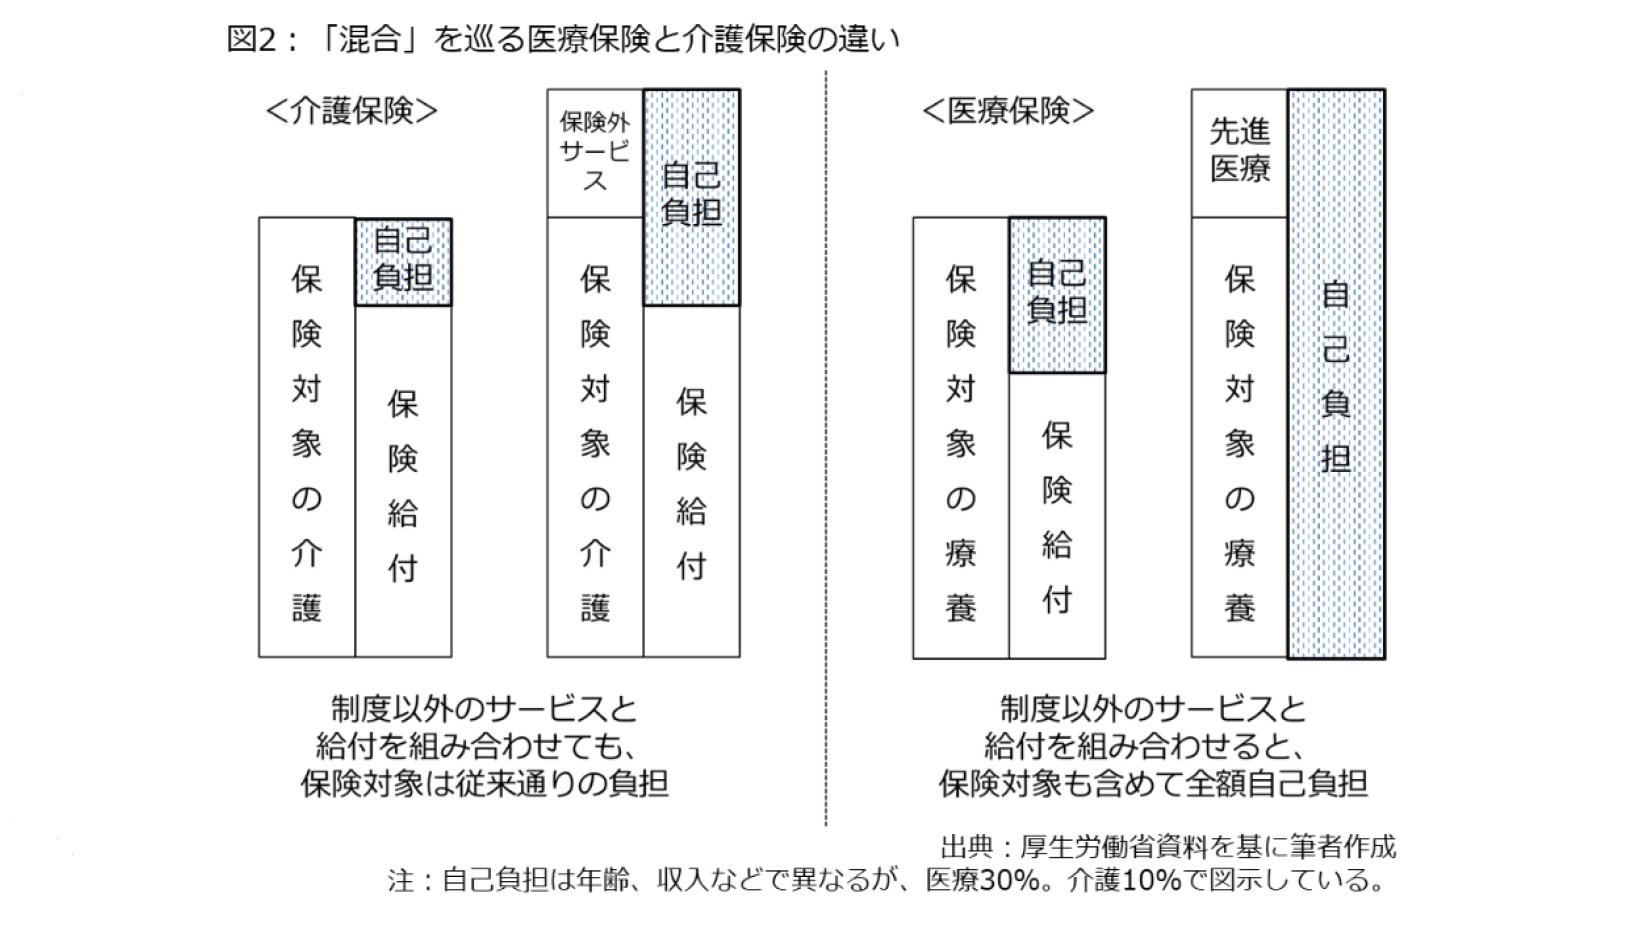 図2:「混合」を巡る医療保険と介護保険の違い